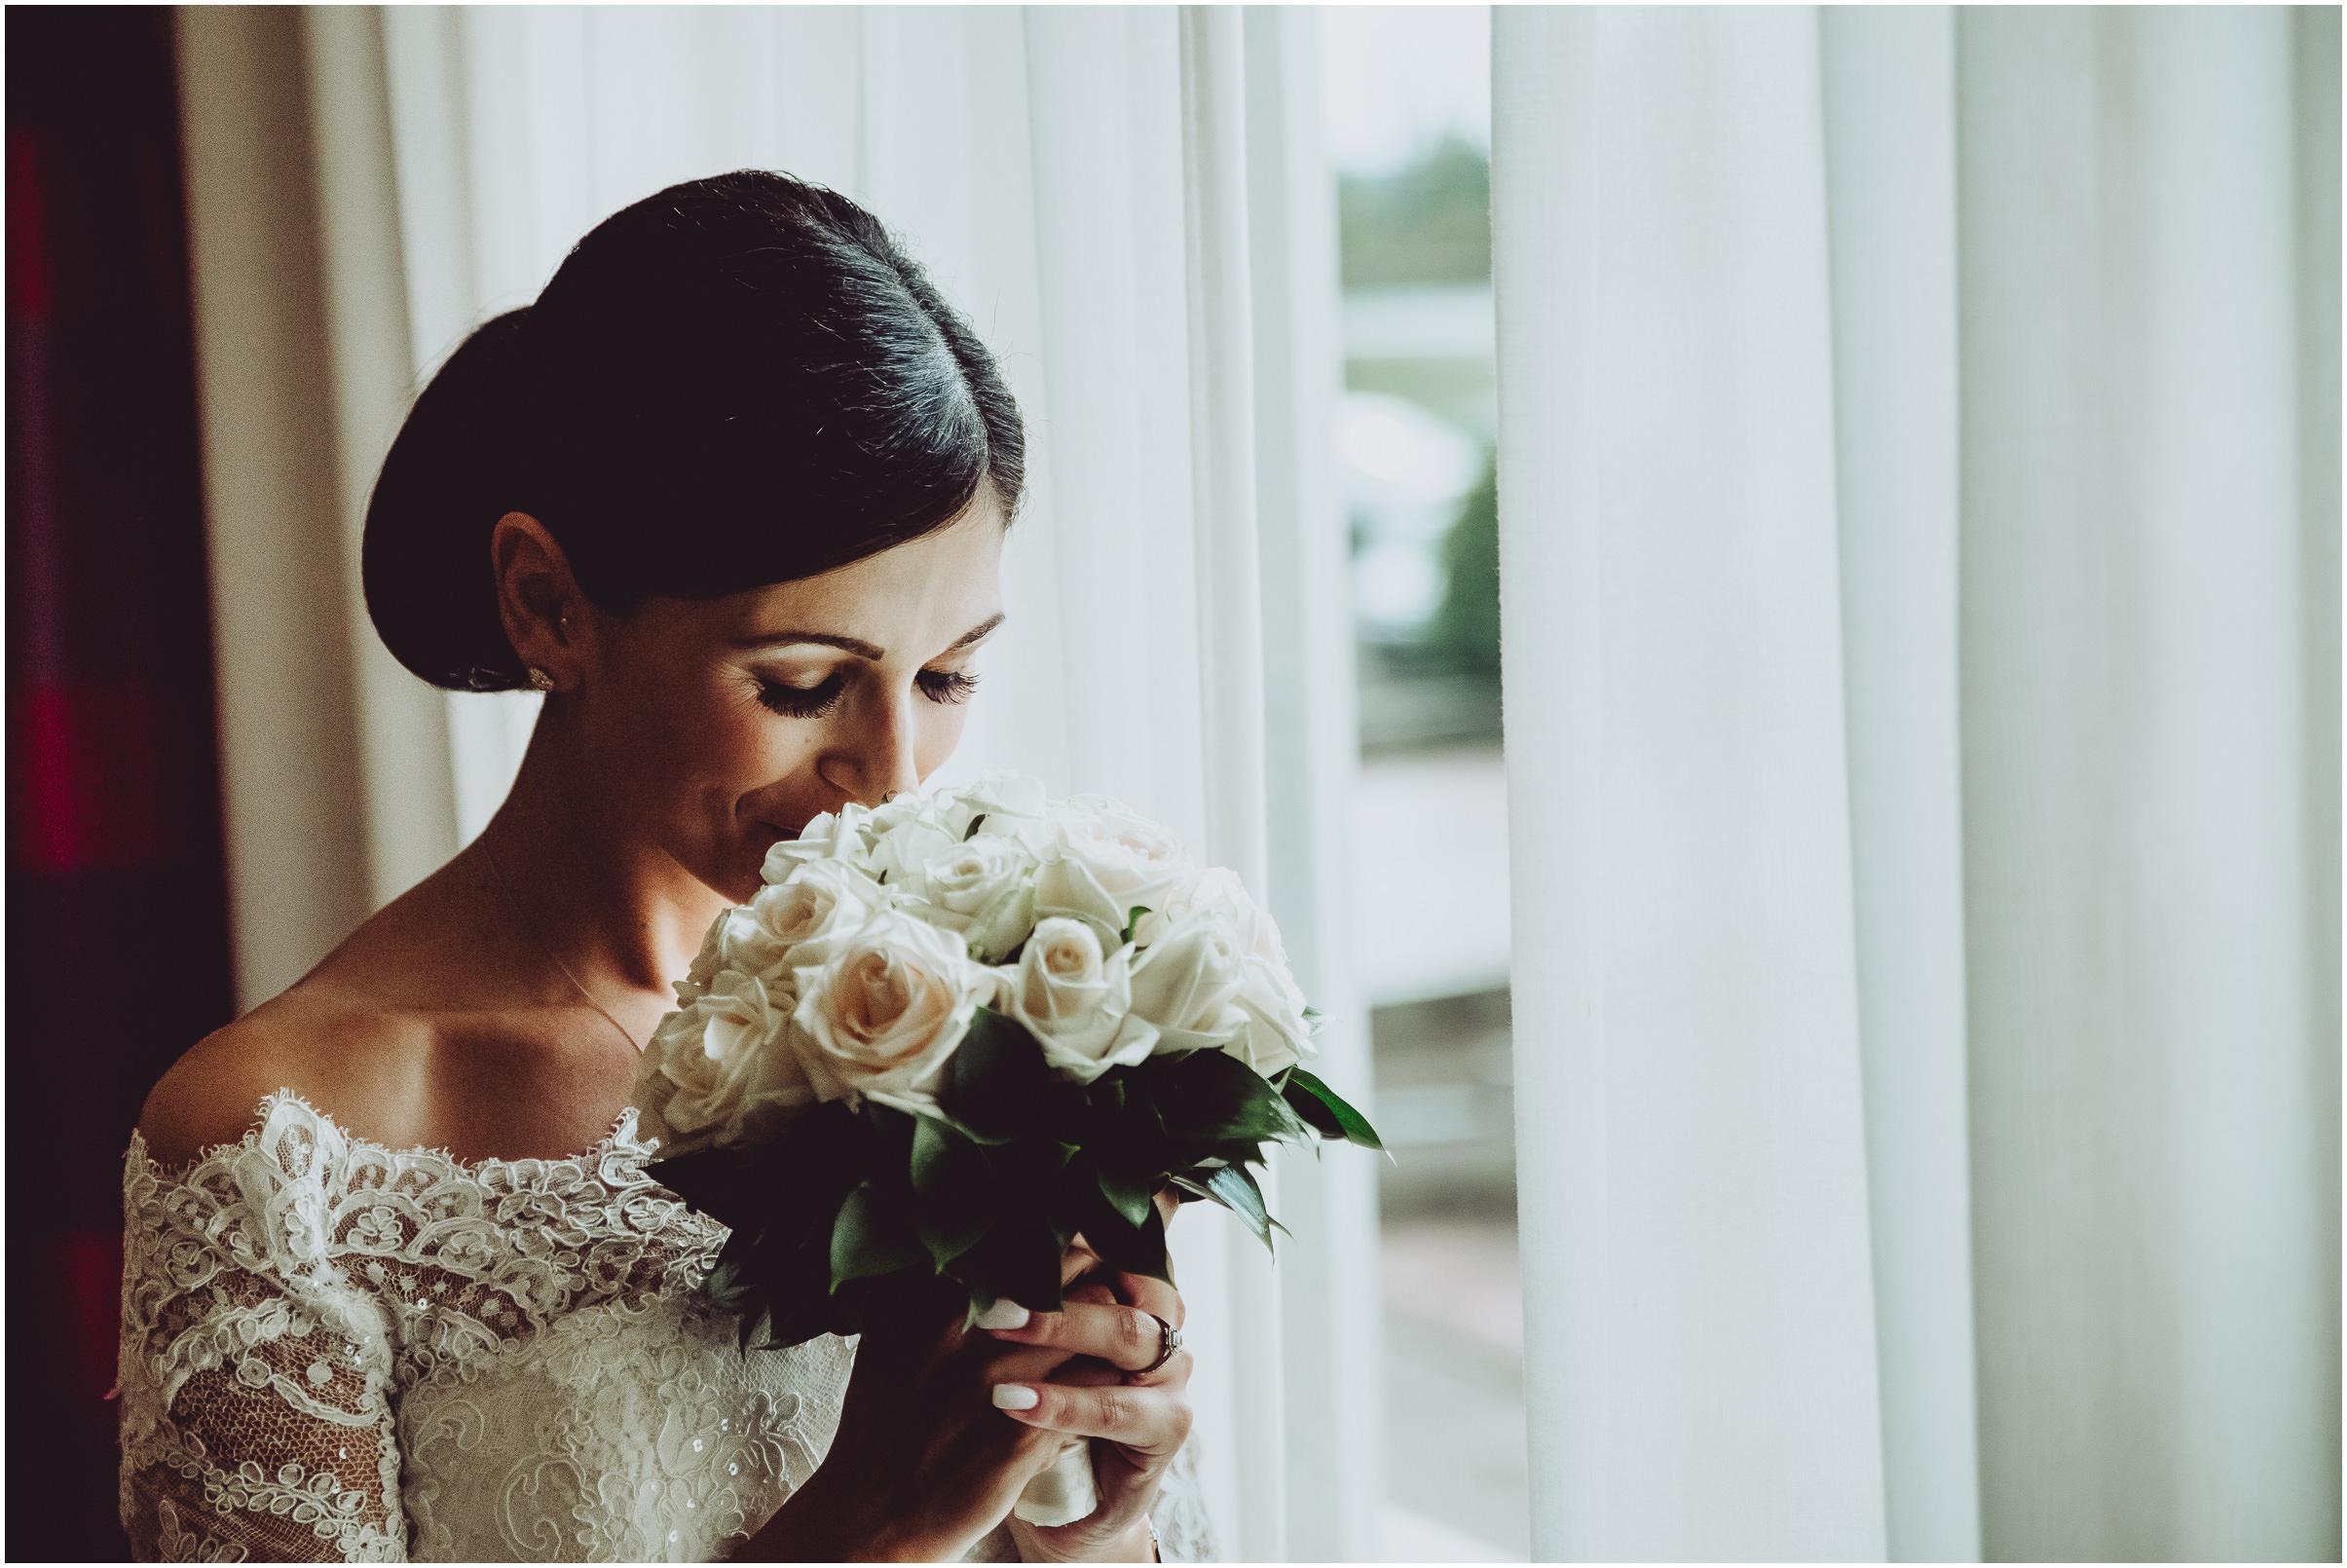 WEDDING-PHOTOGRAPHY-SARA-LORENZONI-FOTOGRAFIA-MATRIMONIO-AREZZO-TUSCANY-EVENTO-LE-SPOSE-DI-GIANNI-ELISA-LUCA010